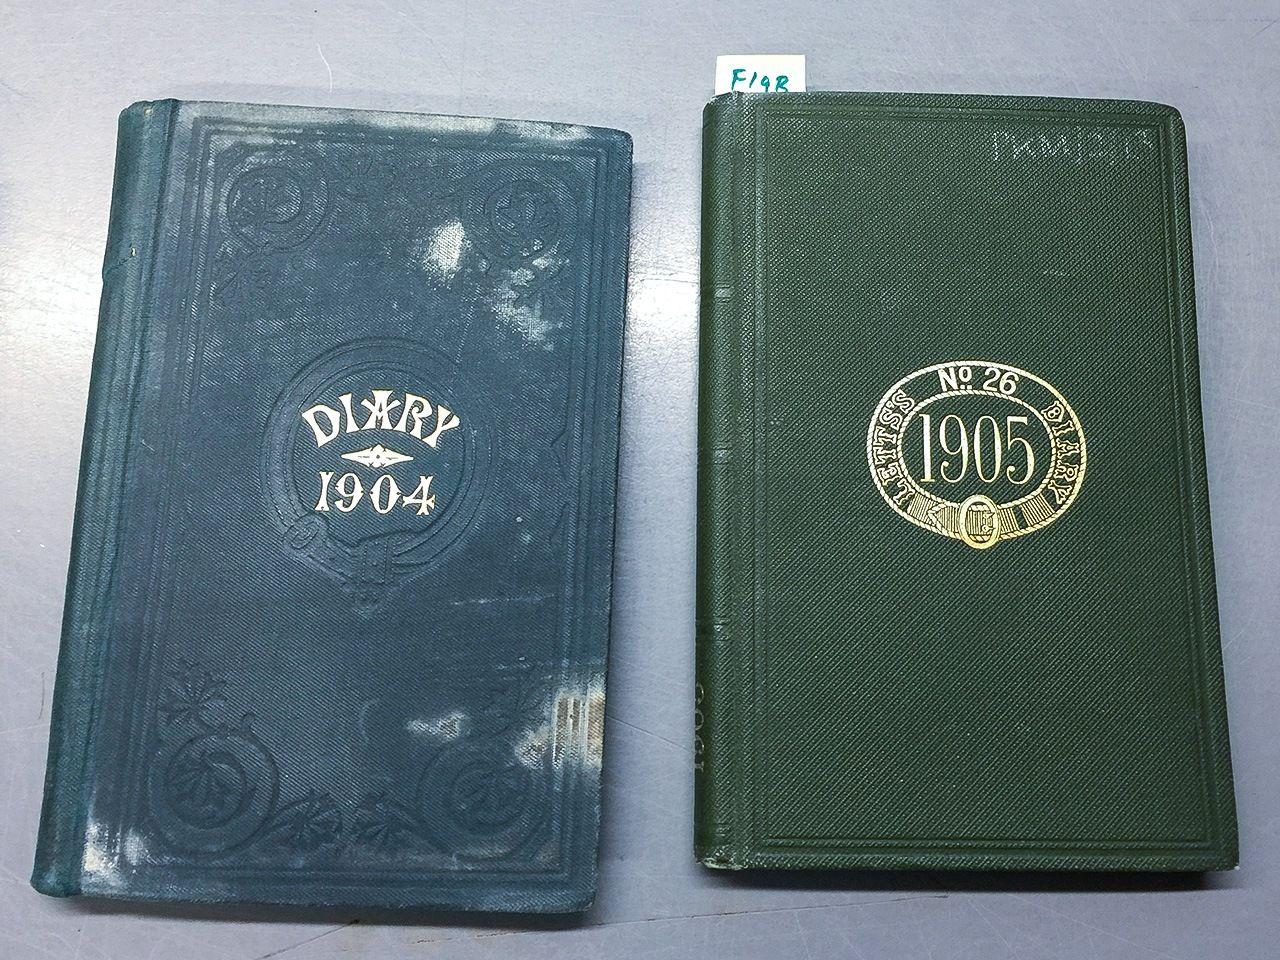 Дневники Уильяма Пакенема за 1904 (слева) и 1905 (справа) годы. Снимок сделан автором статьи (при любезном содействии Национального морского музея Великобритании)